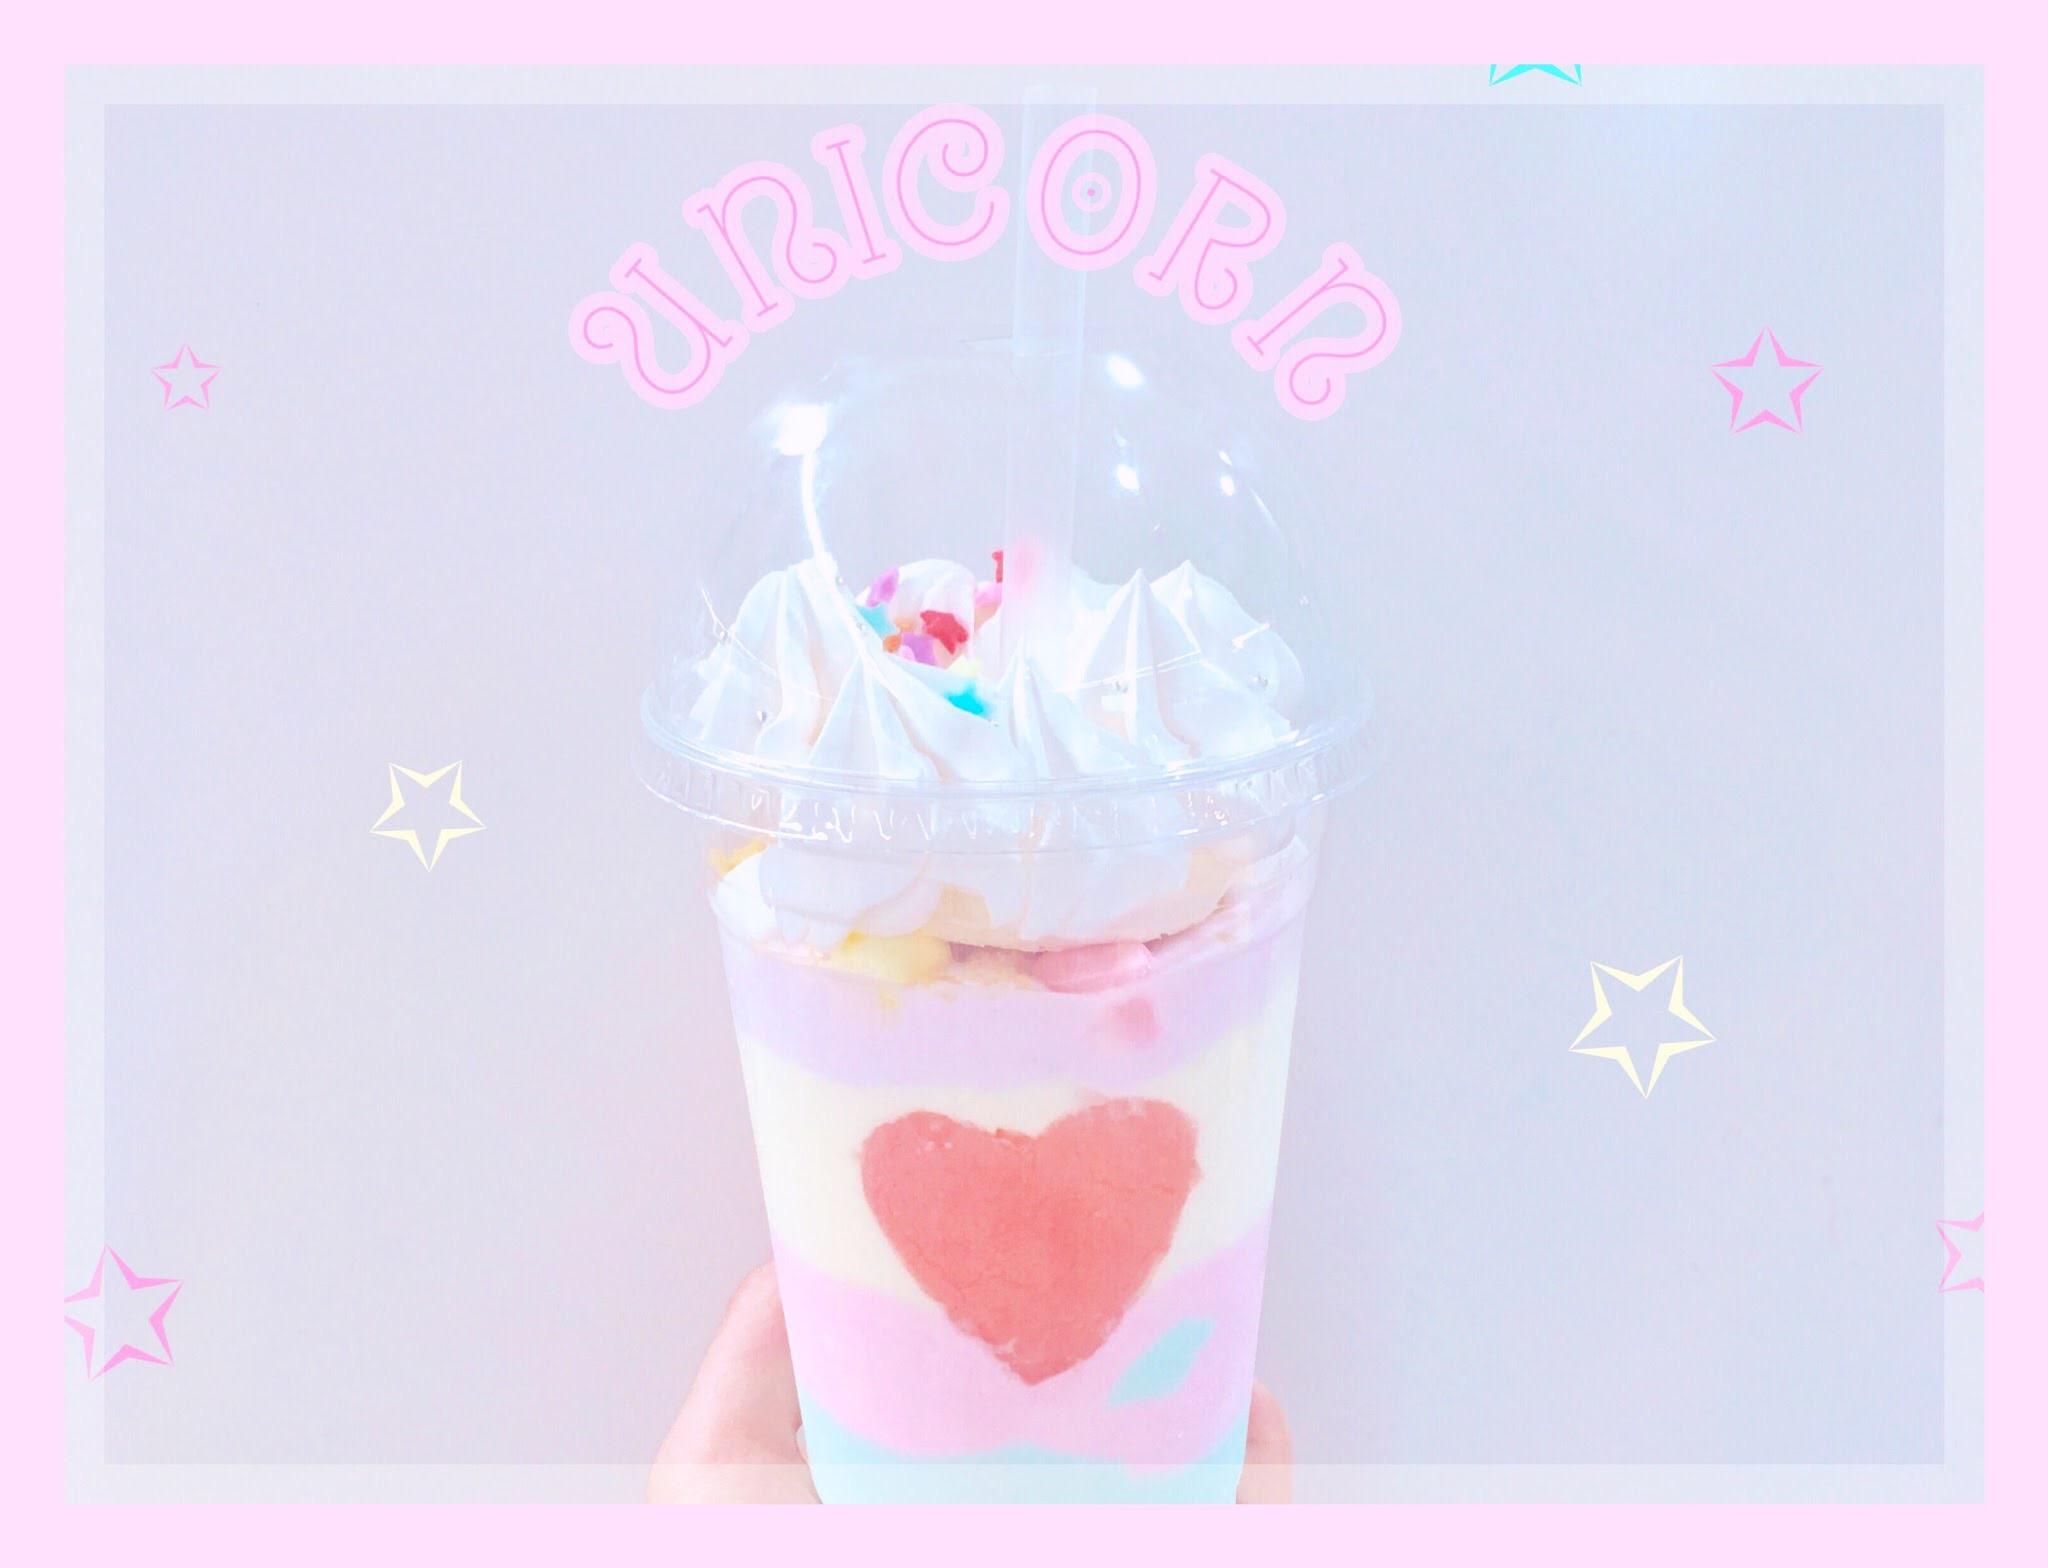 夏限定♡モナークオブロンドンのゆめかわユニコーンスムージー♡